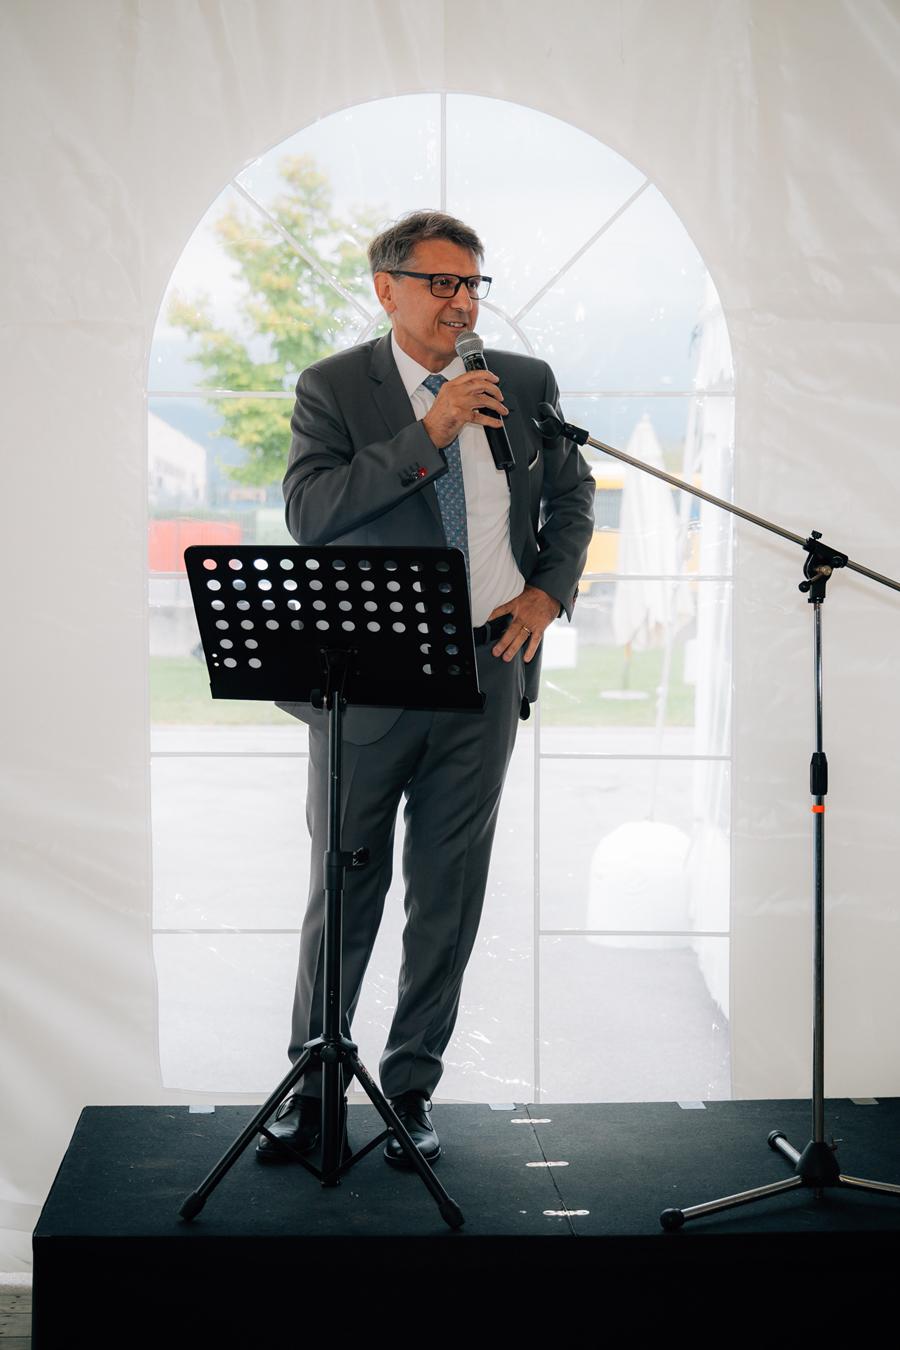 Renato Zanette Fotografo Evento BFC 20 anni di attività macchine per caffè espresso Conegliano